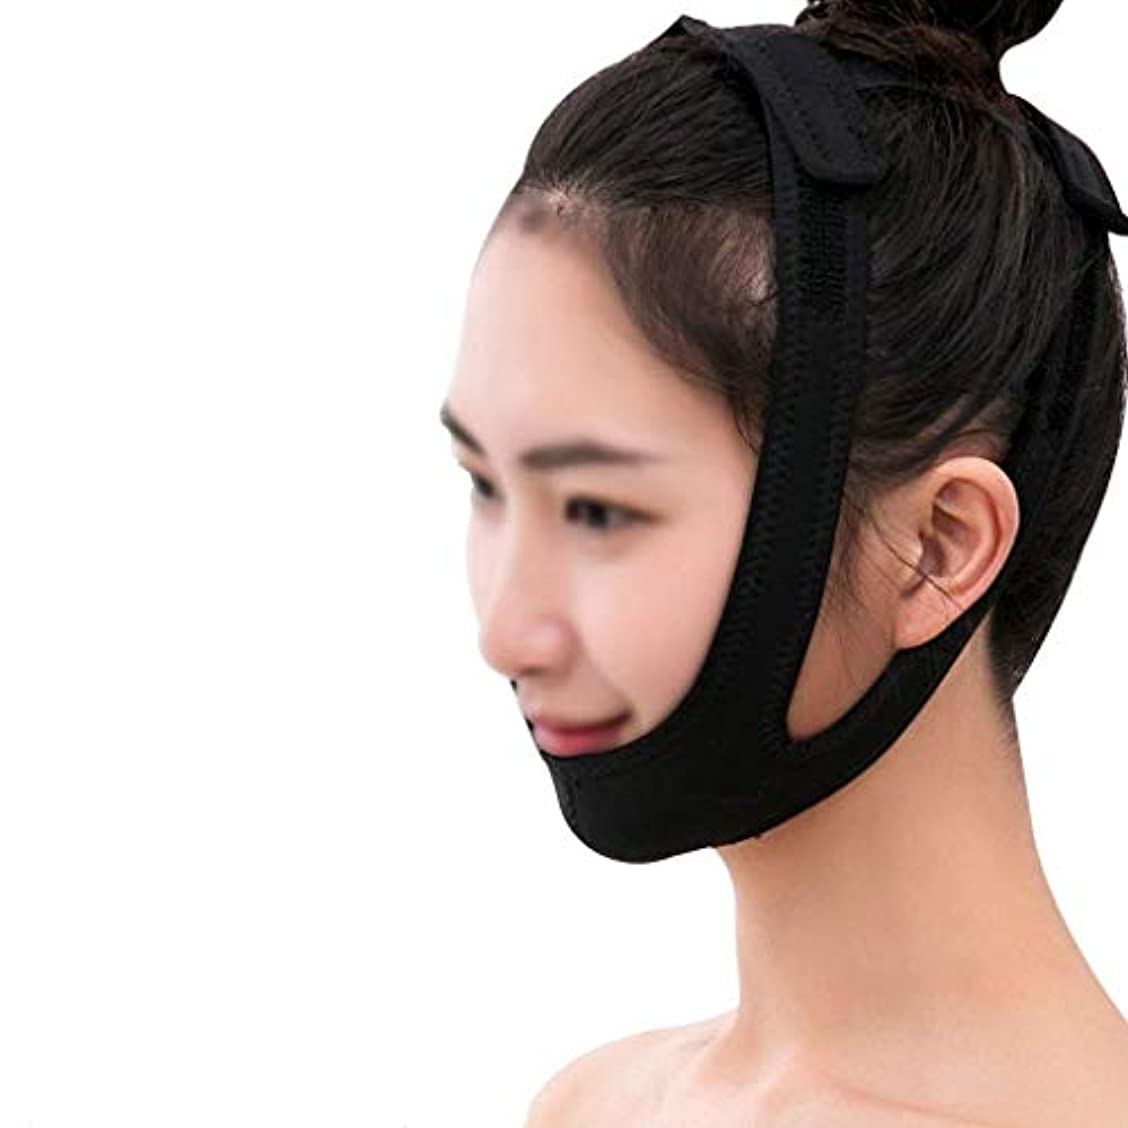 妻王位自動化フェイシャルリフティングマスク、医療用ワイヤーカービングリカバリーヘッドギアVフェイスバンデージダブルチンフェイスリフトマスク